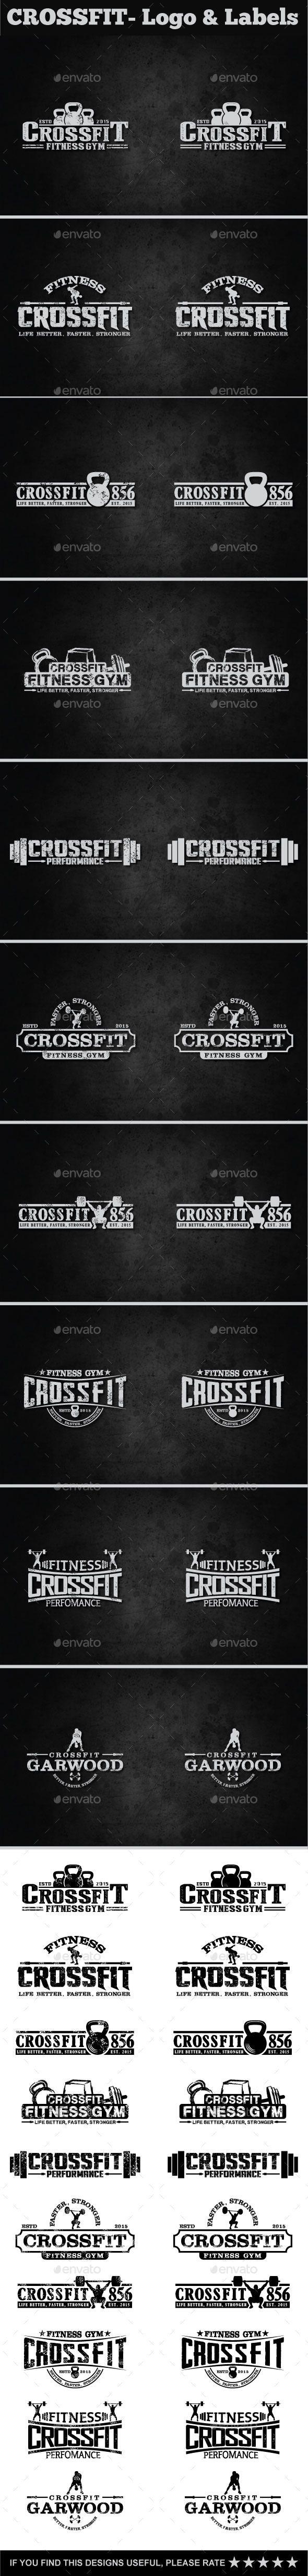 Crossfit- Labels & Logos Design #labels Download: http://graphicriver.net/item/crossfit-labels-logos/11847047?ref=ksioks